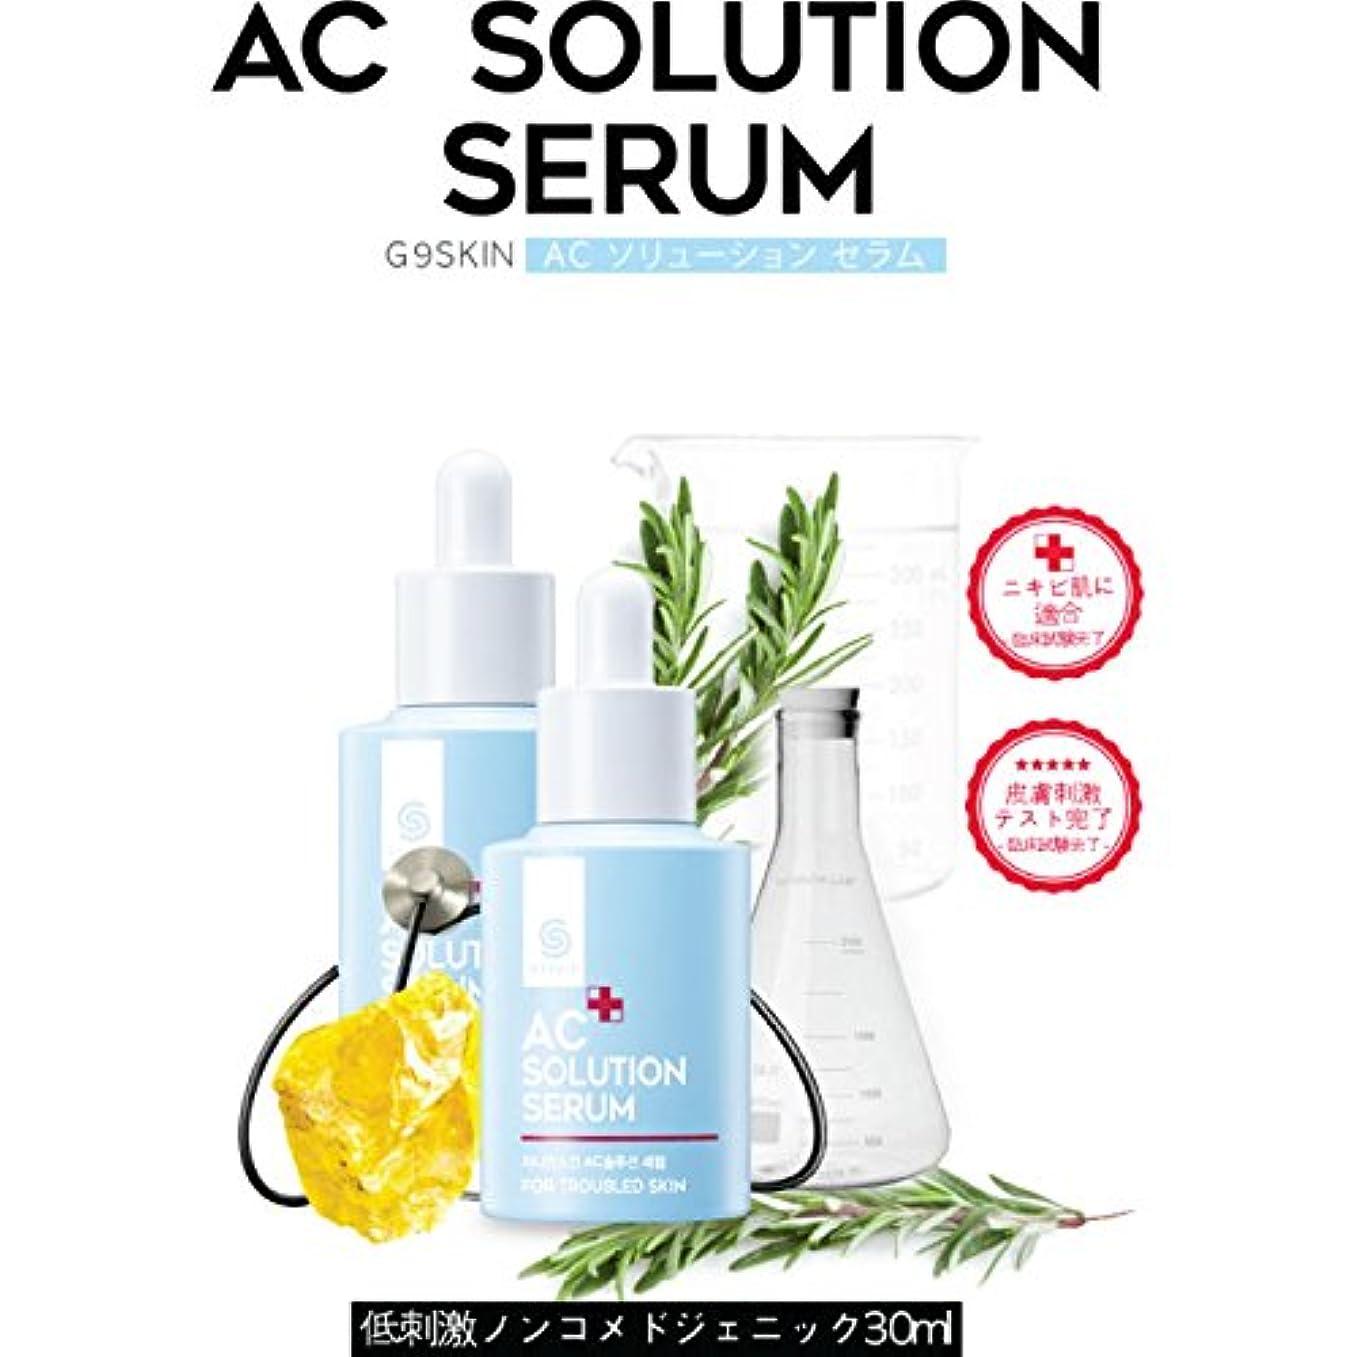 祖母症候群年【G9SKIN】AC SOLUTION SERUM / ACソリューションセラム(美容液)